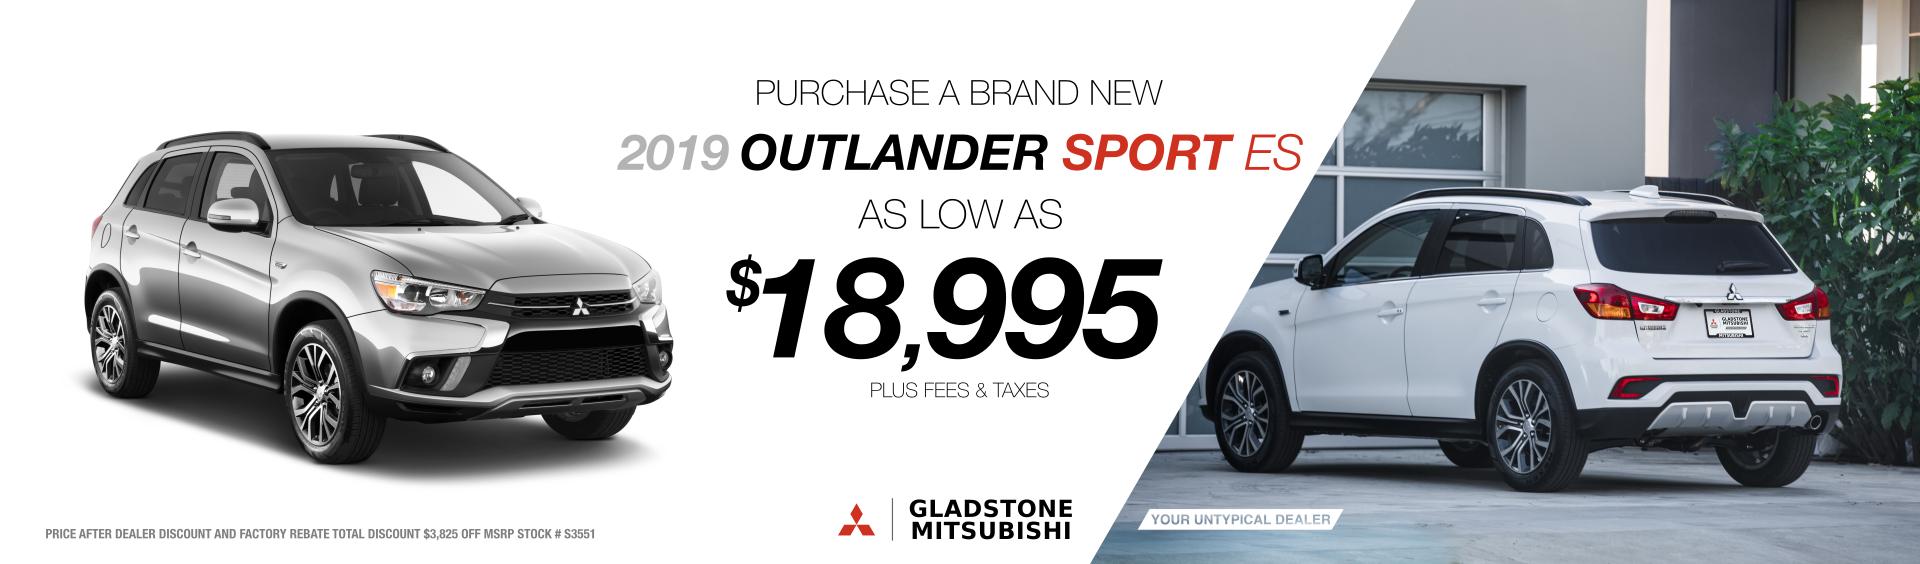 2019 Outlander Sport ES